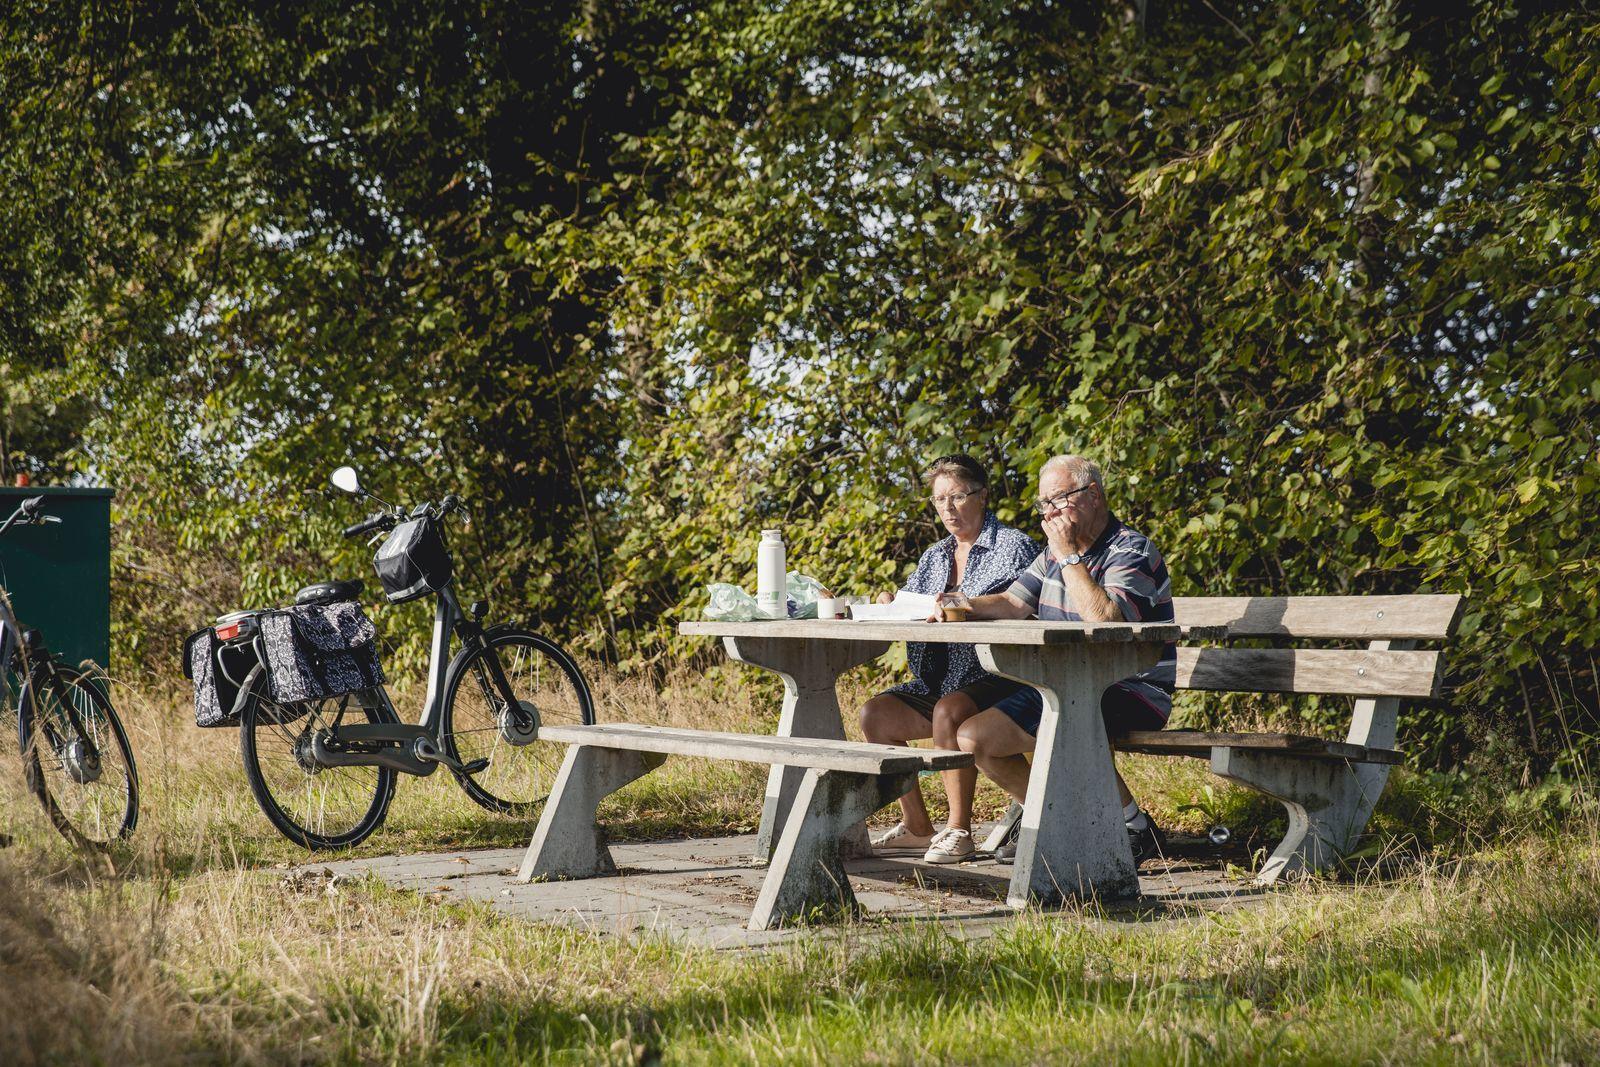 Reggestreek Fiets4daagse verblijf 6 dagen in een luxe accommodatie inclusief halfpension - 2021